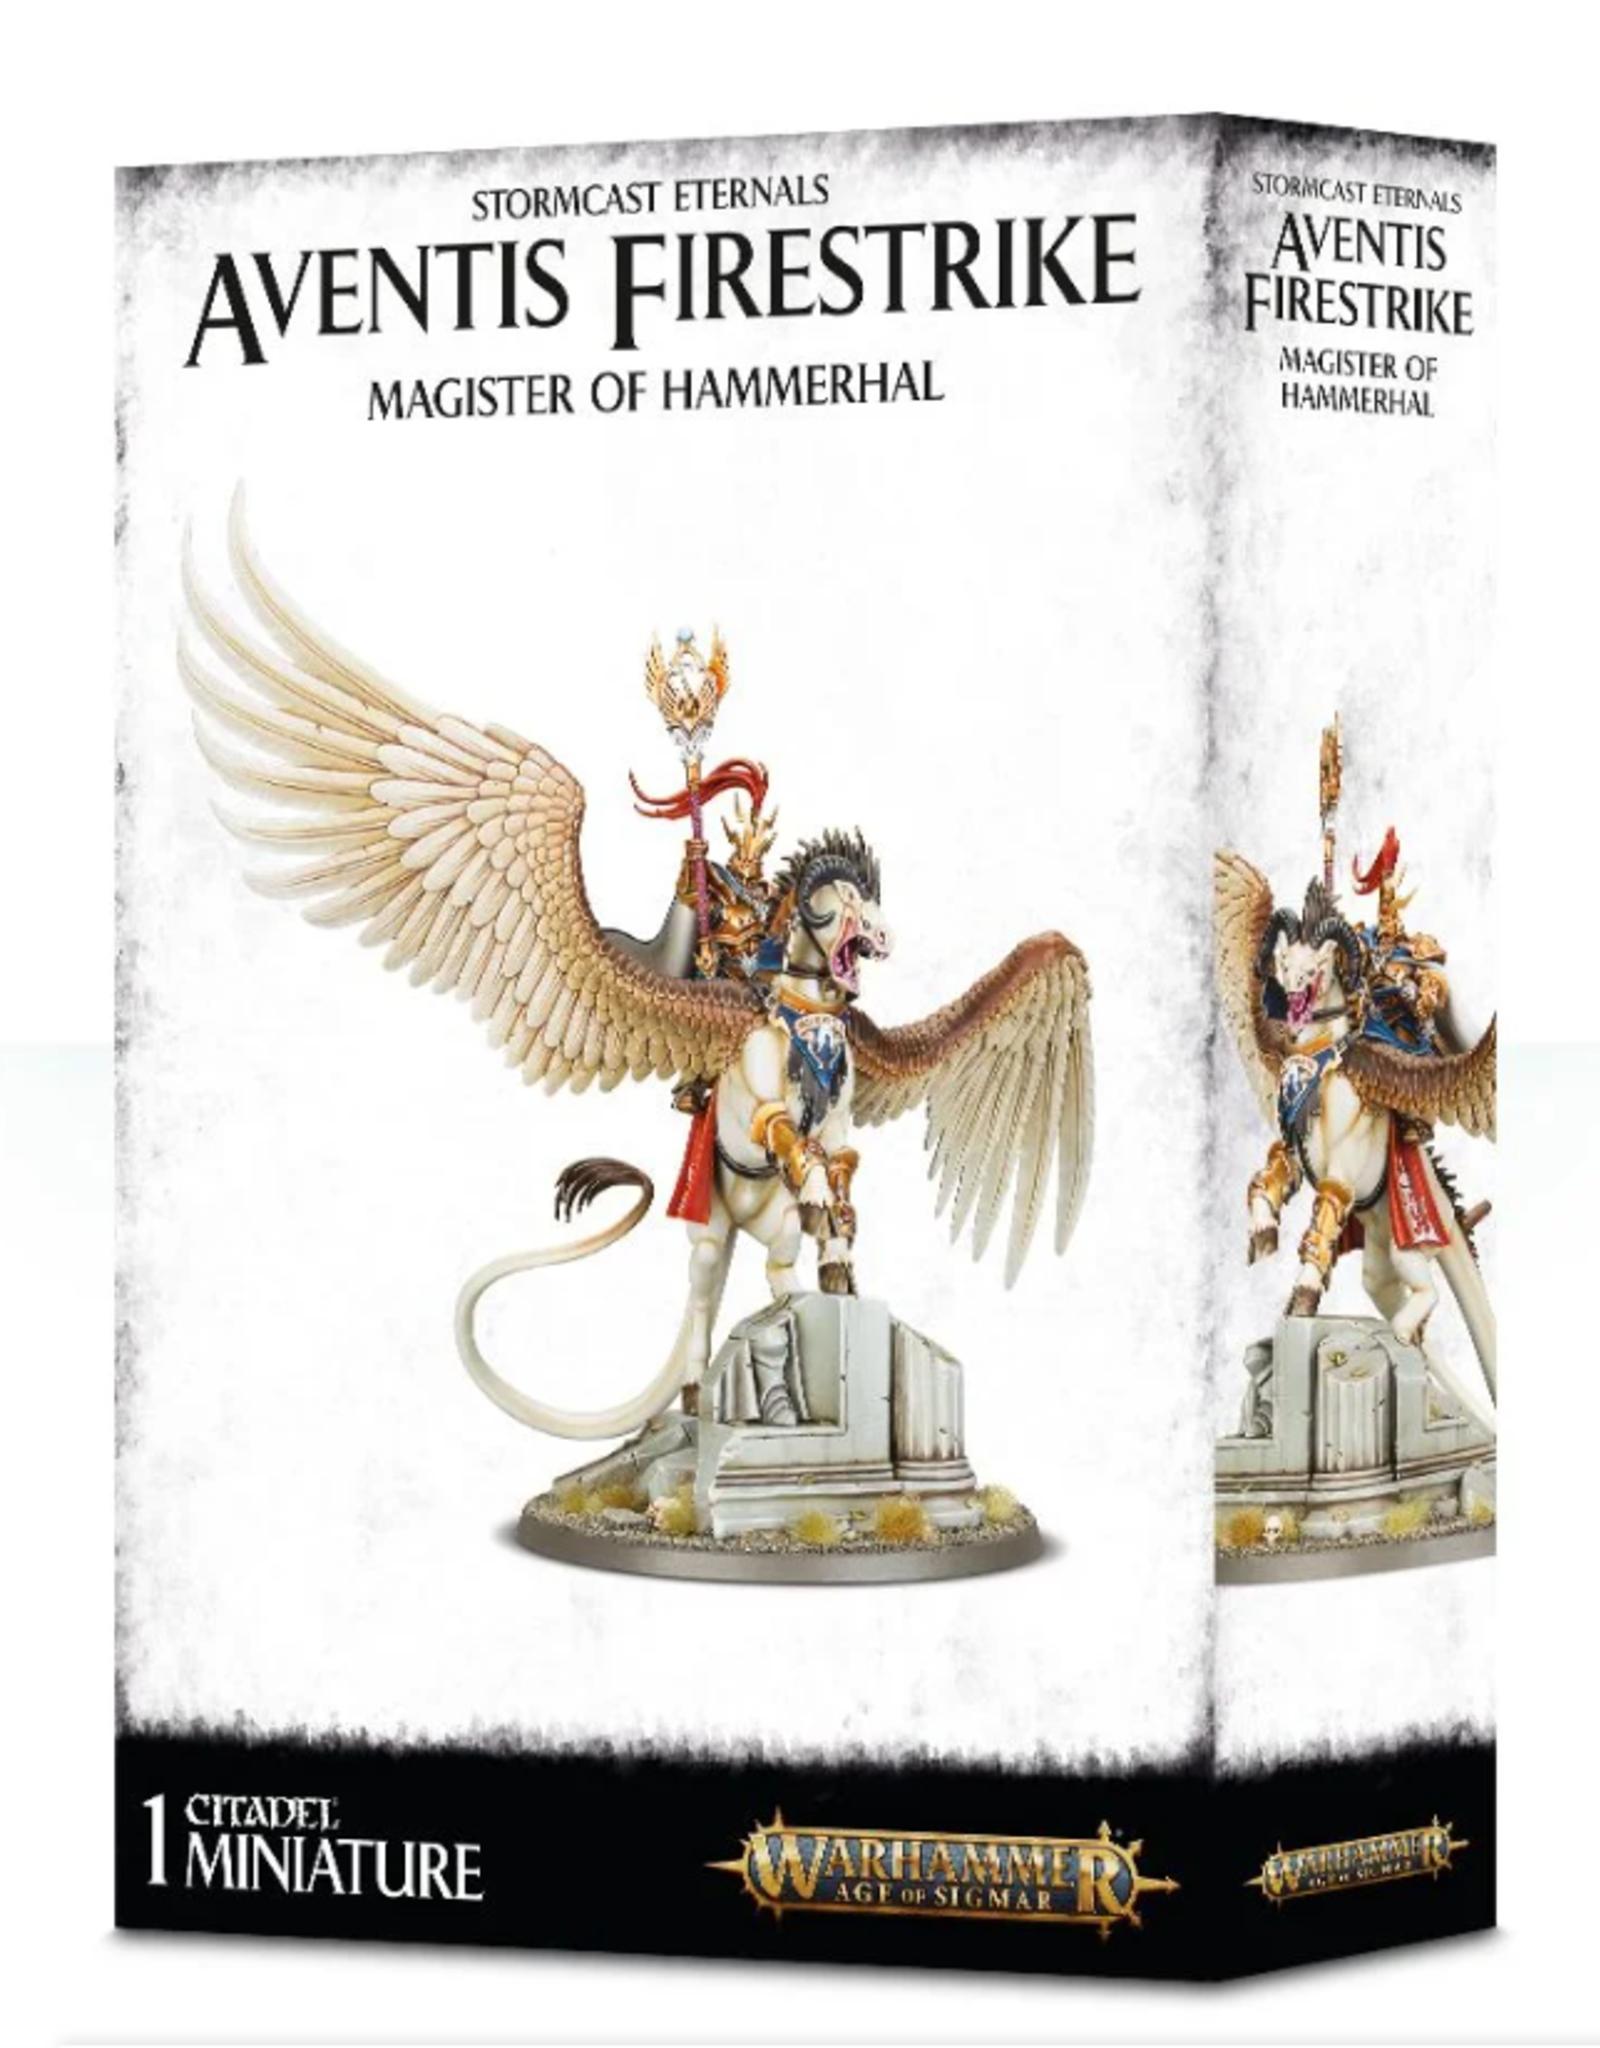 Games Workshop Stormcast Eternals Aventis Firestrike Magister of Hammerhal